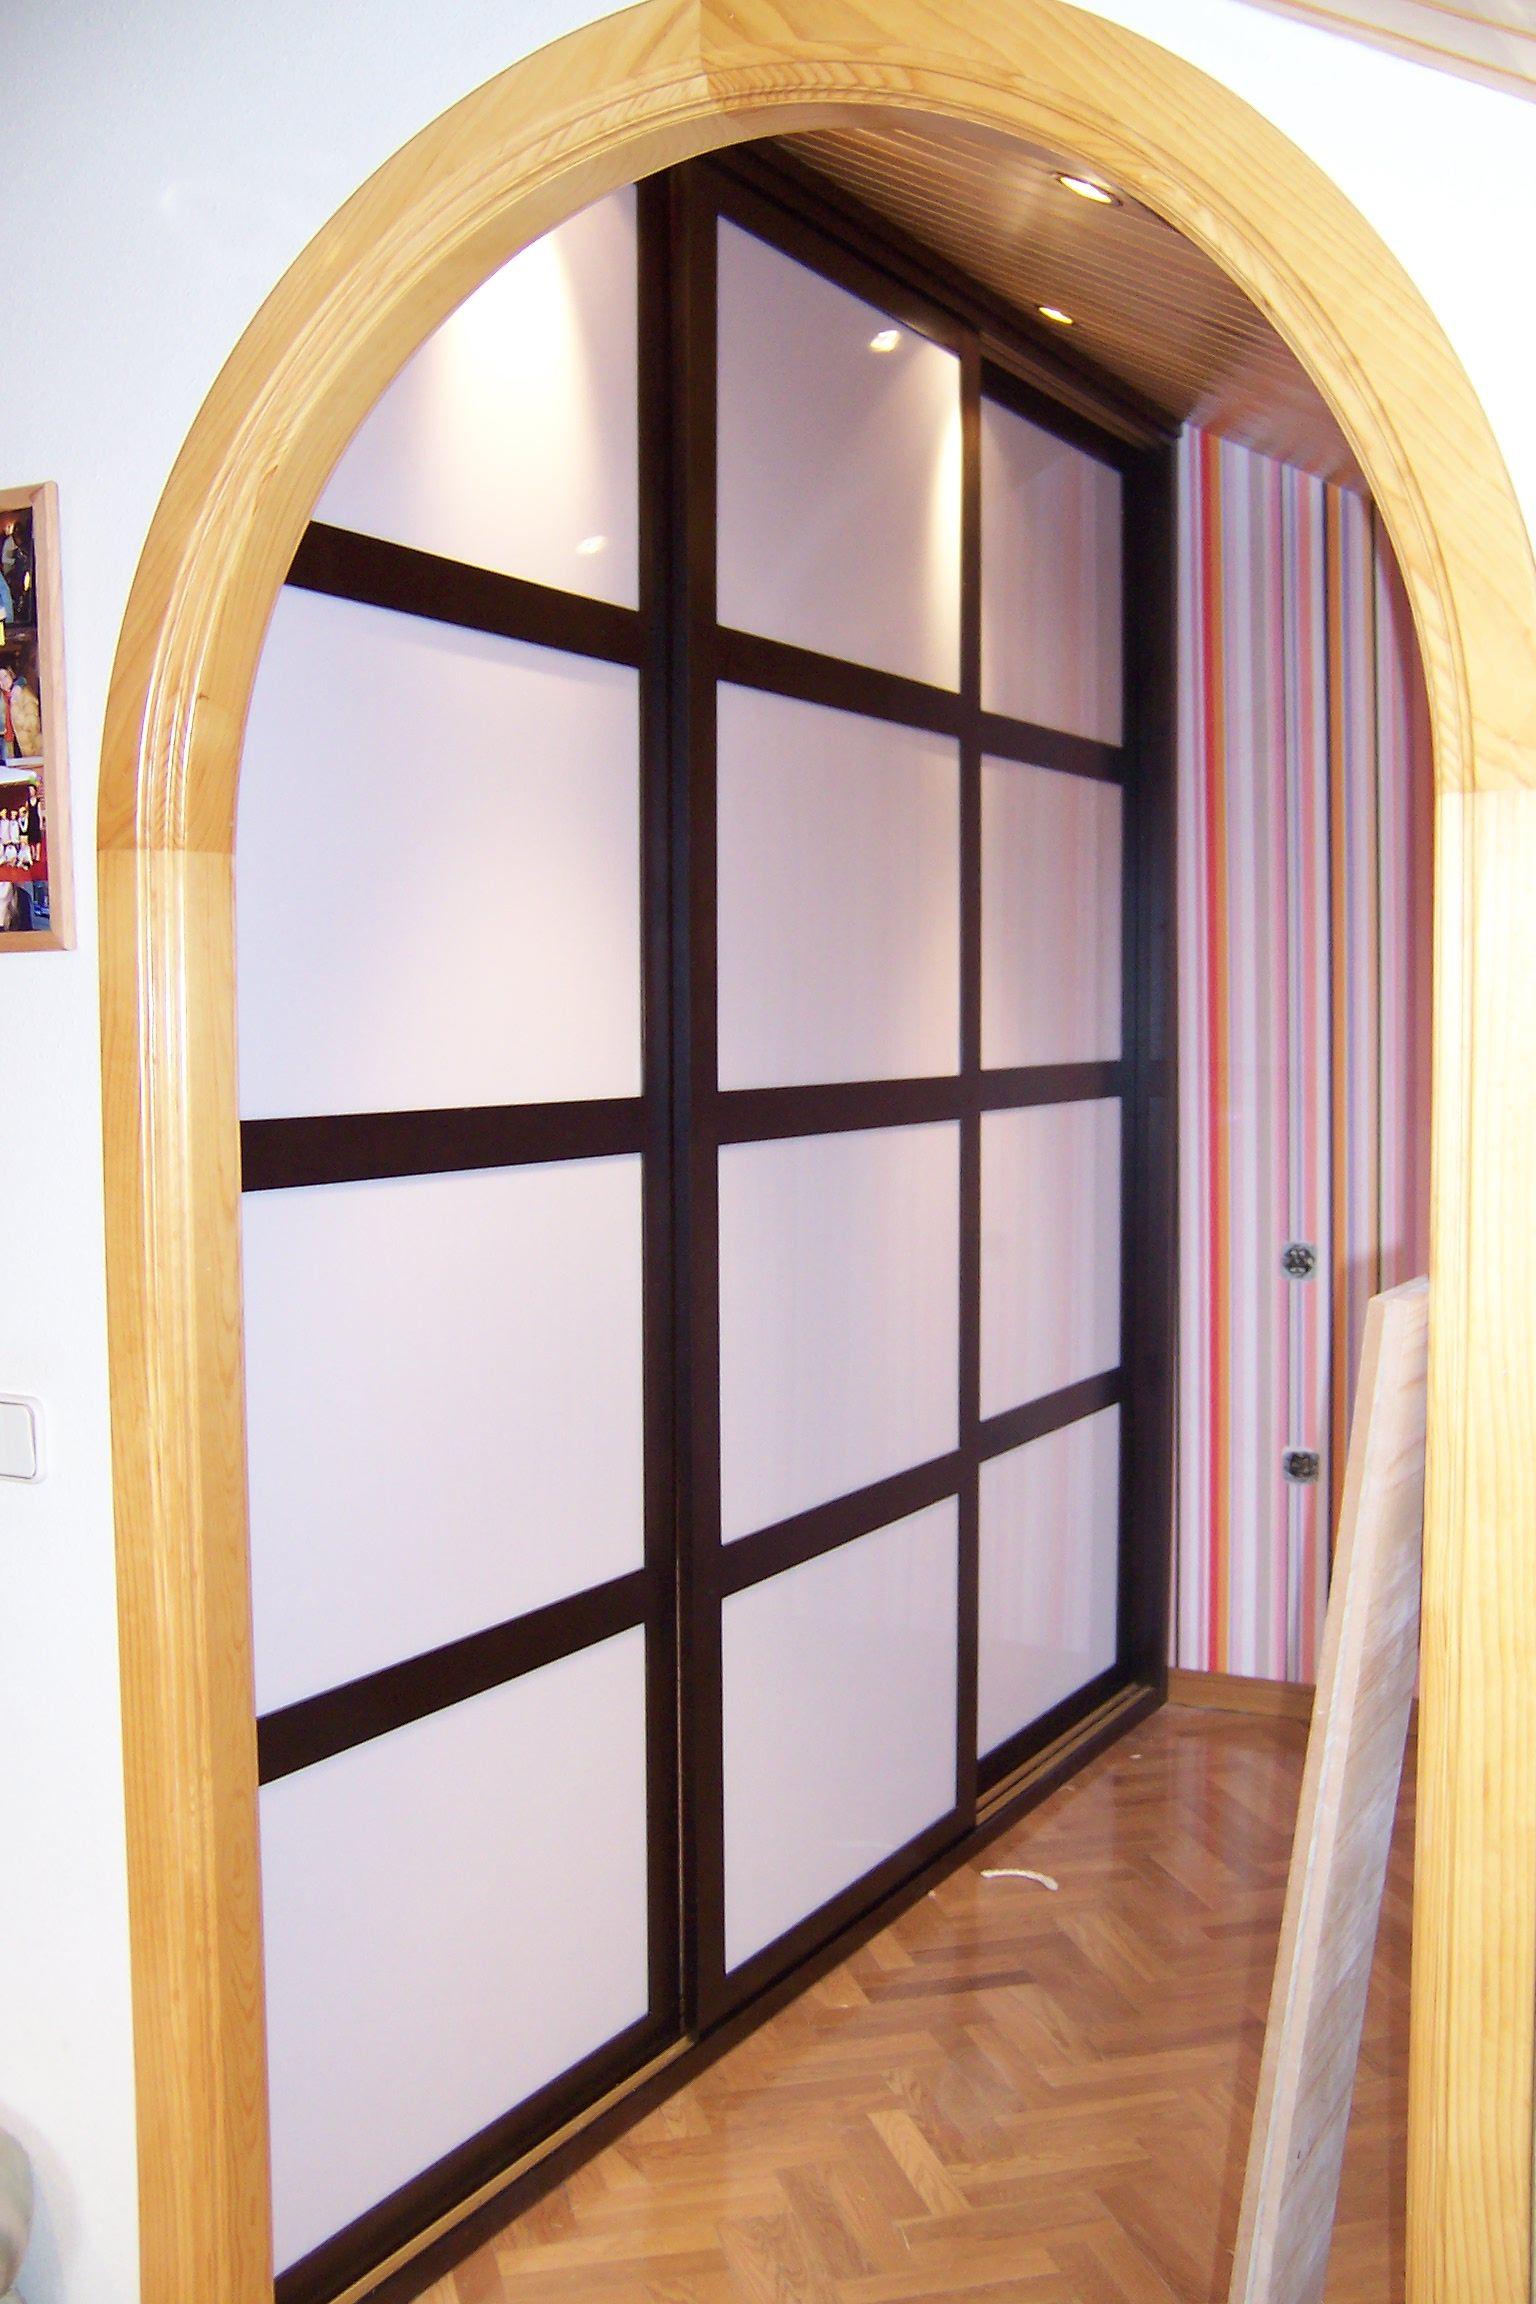 Frente de armario en madera y metacrilato con puertas - Frente armario corredera ...